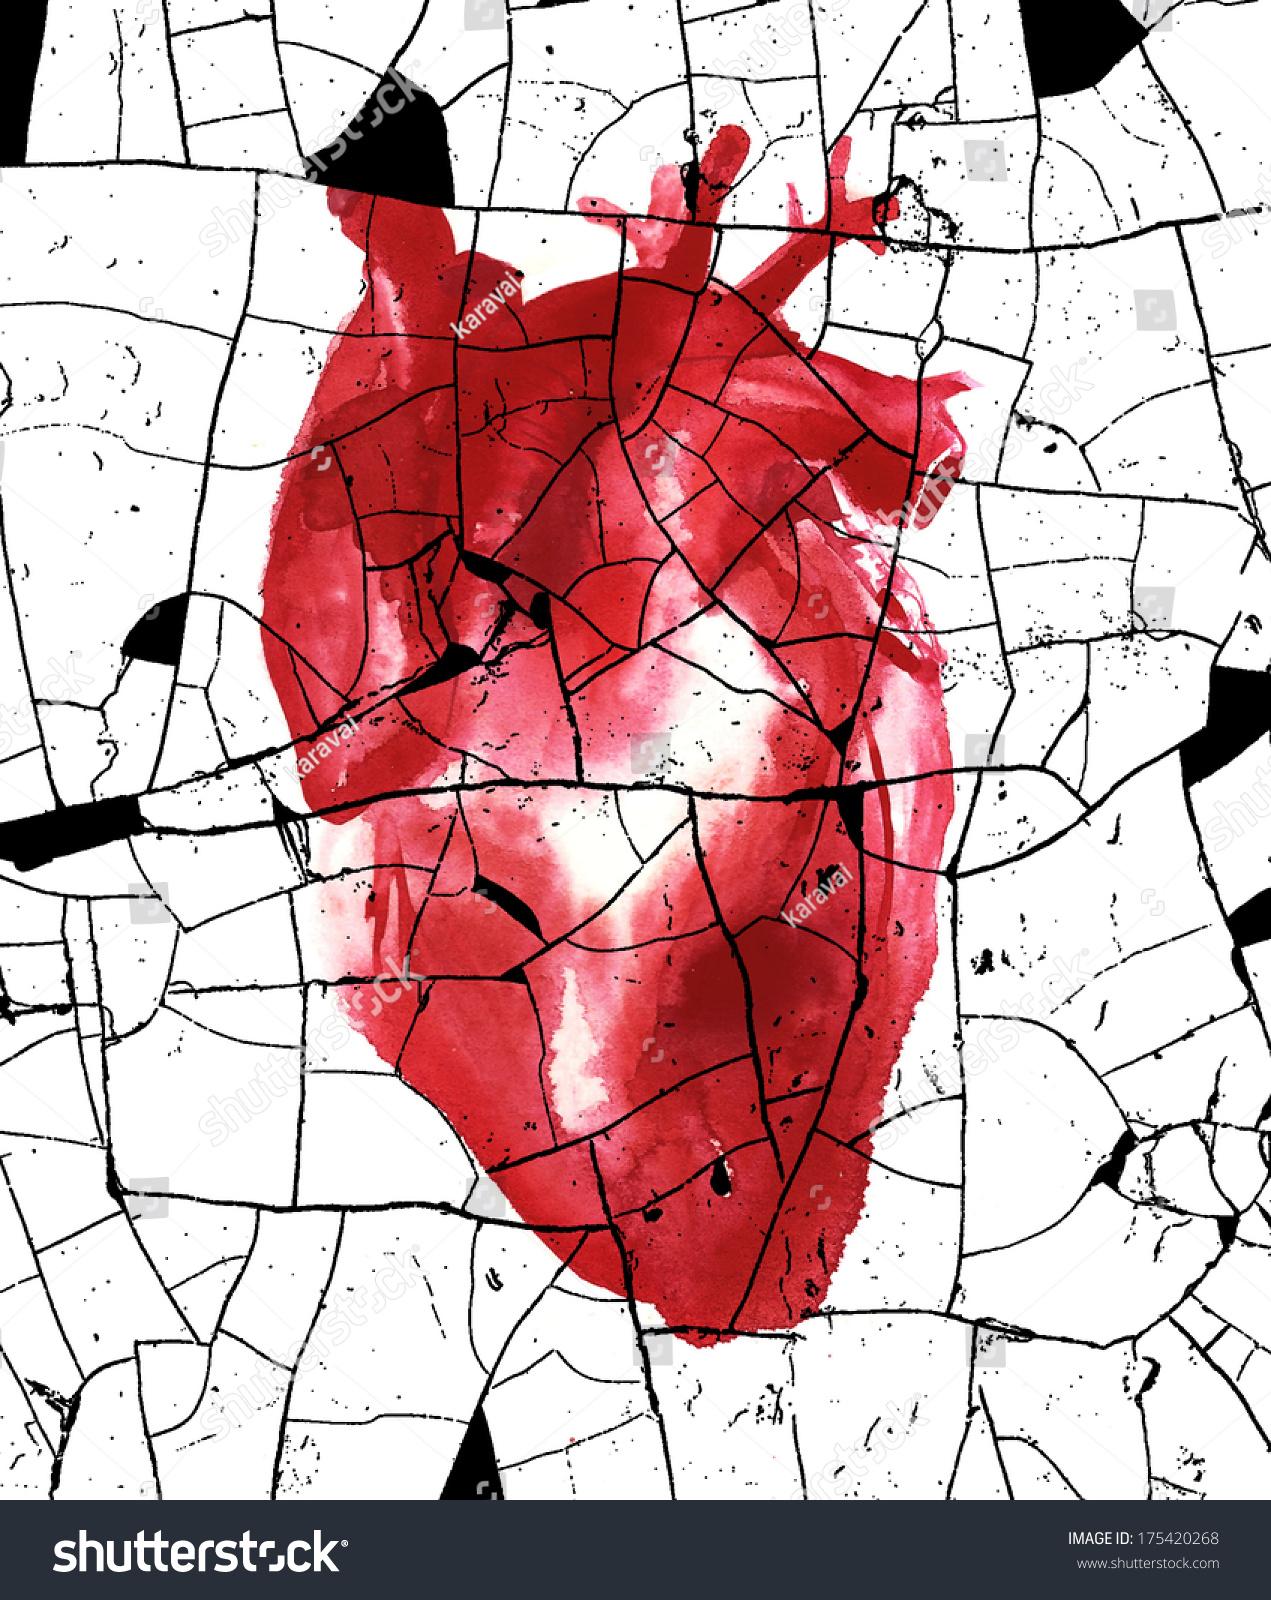 Broken Human Heart Watercolor Illustration Stock Illustration